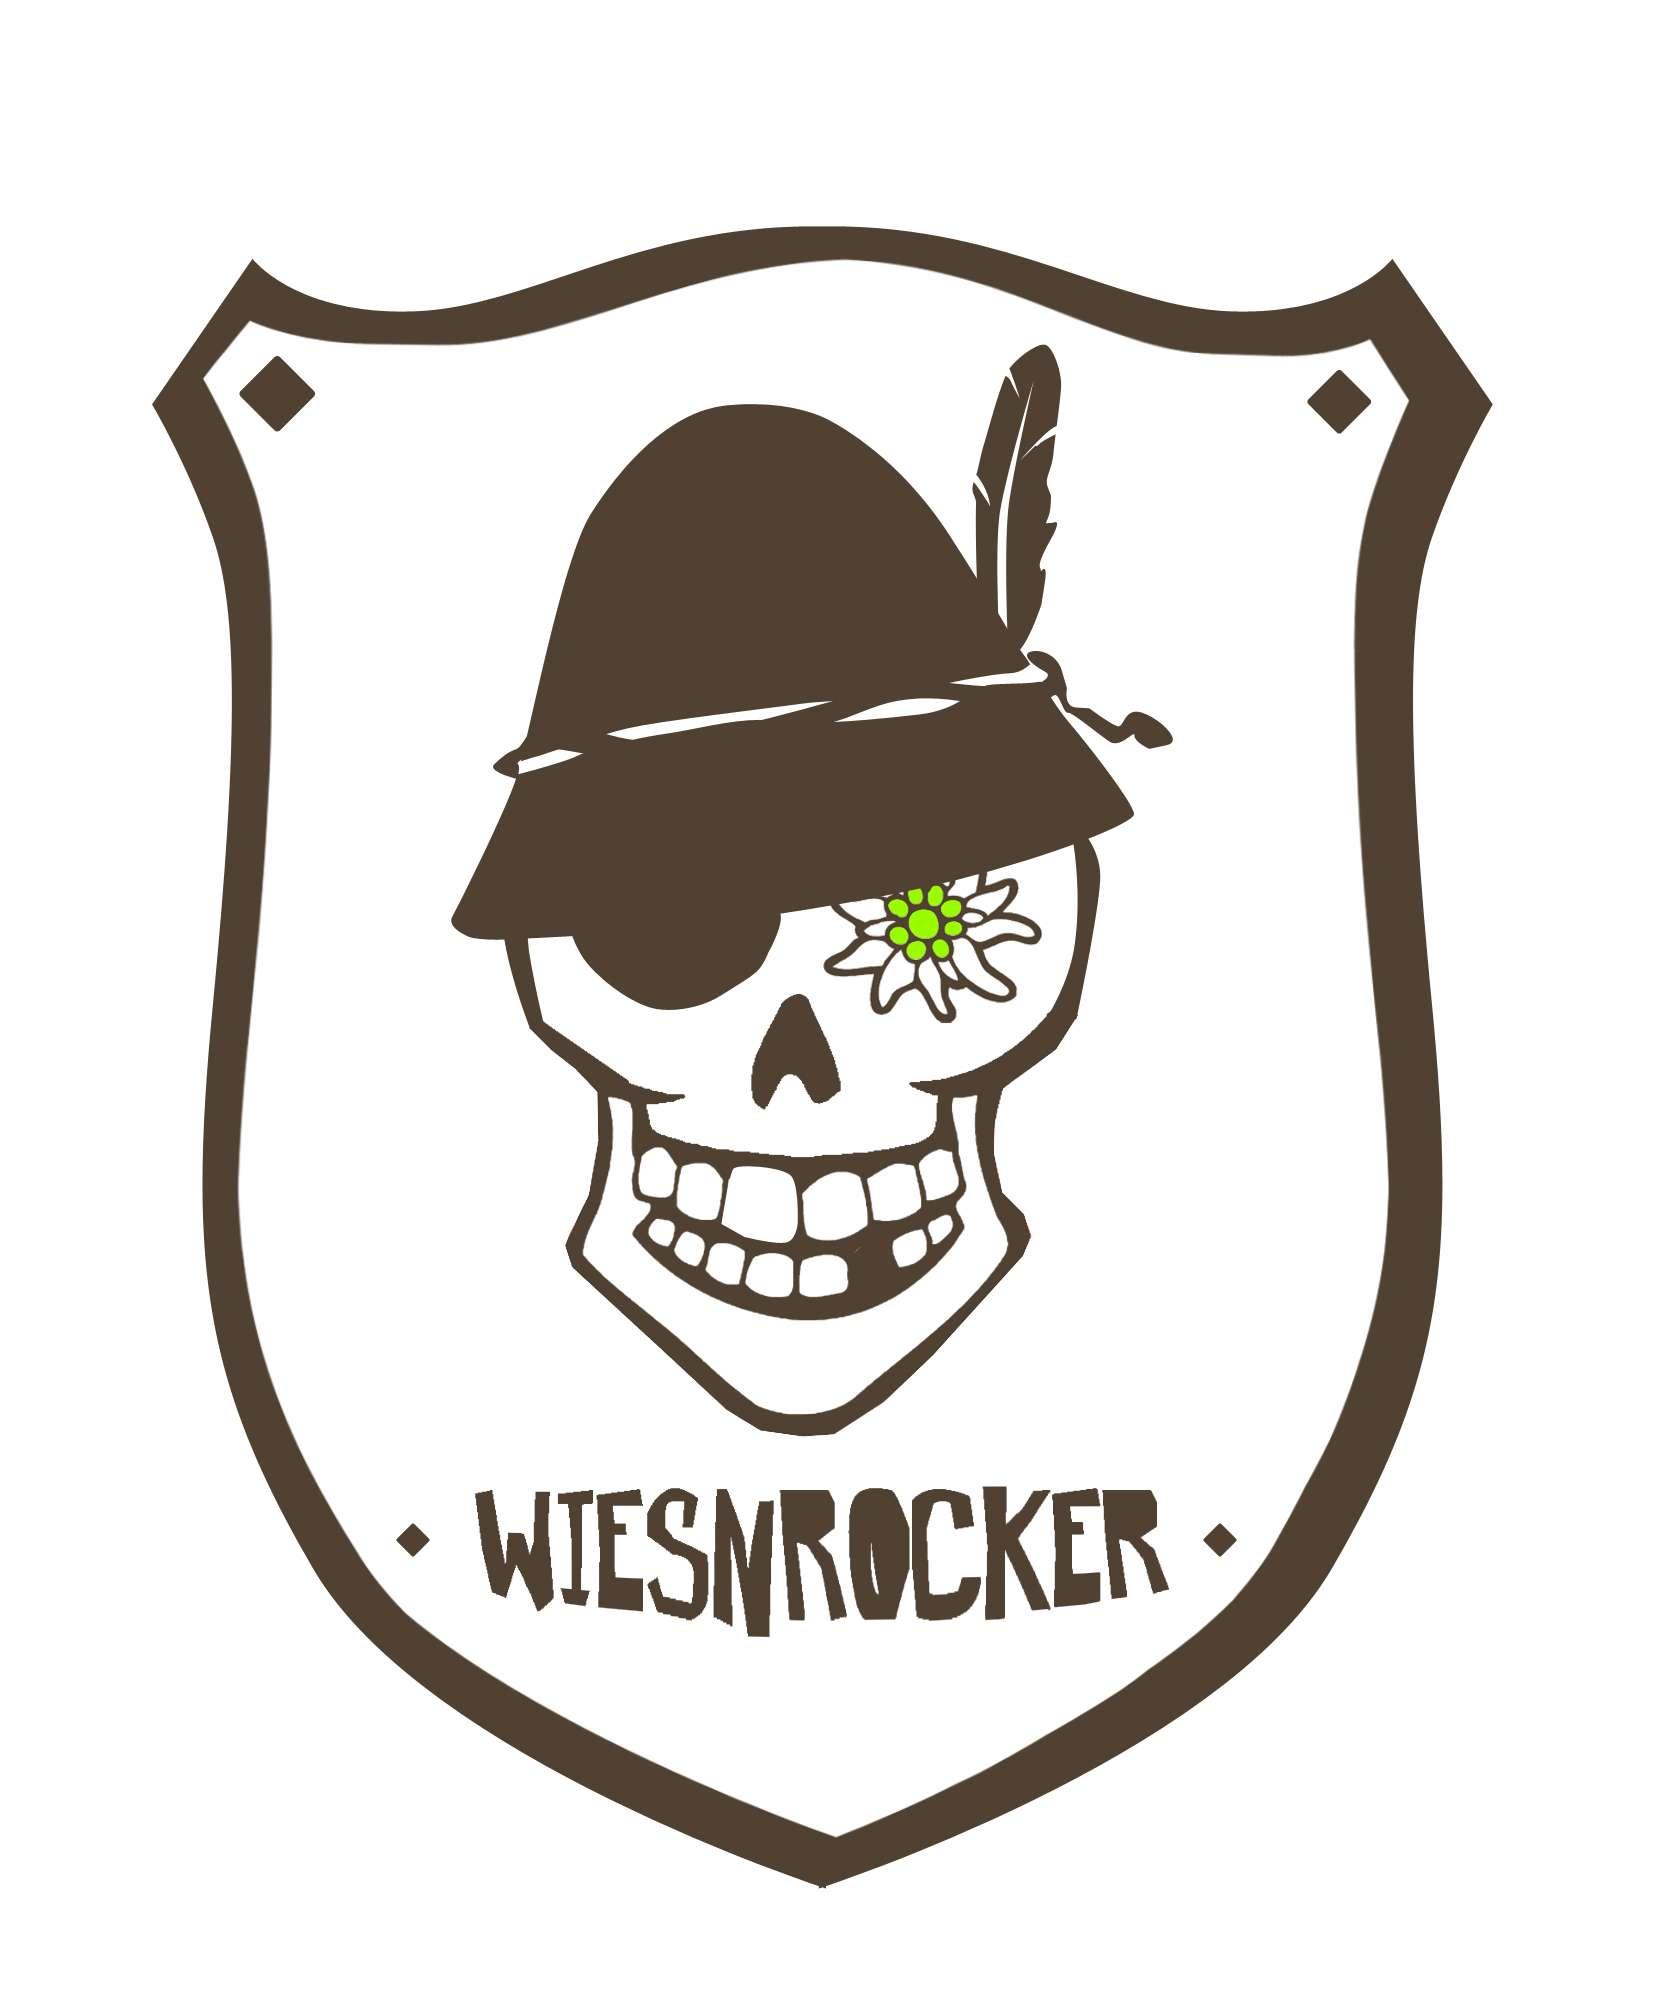 WIESNROCKER-Gutschein für Geburtstage, Weihnachten, Ostern ...